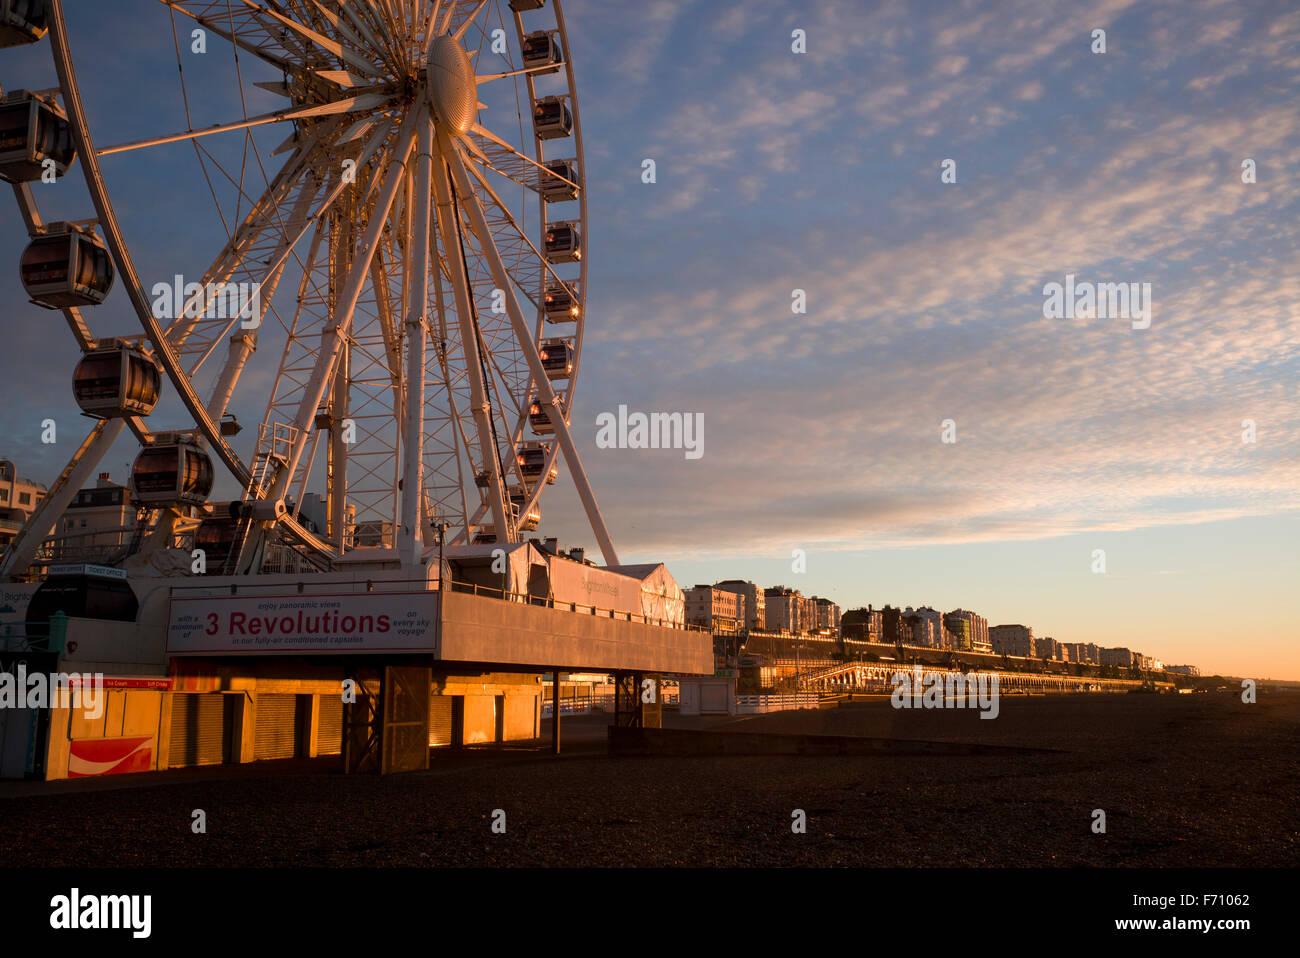 Grande roue de Brighton et de Kemptown front illuminé par le soleil levant Photo Stock